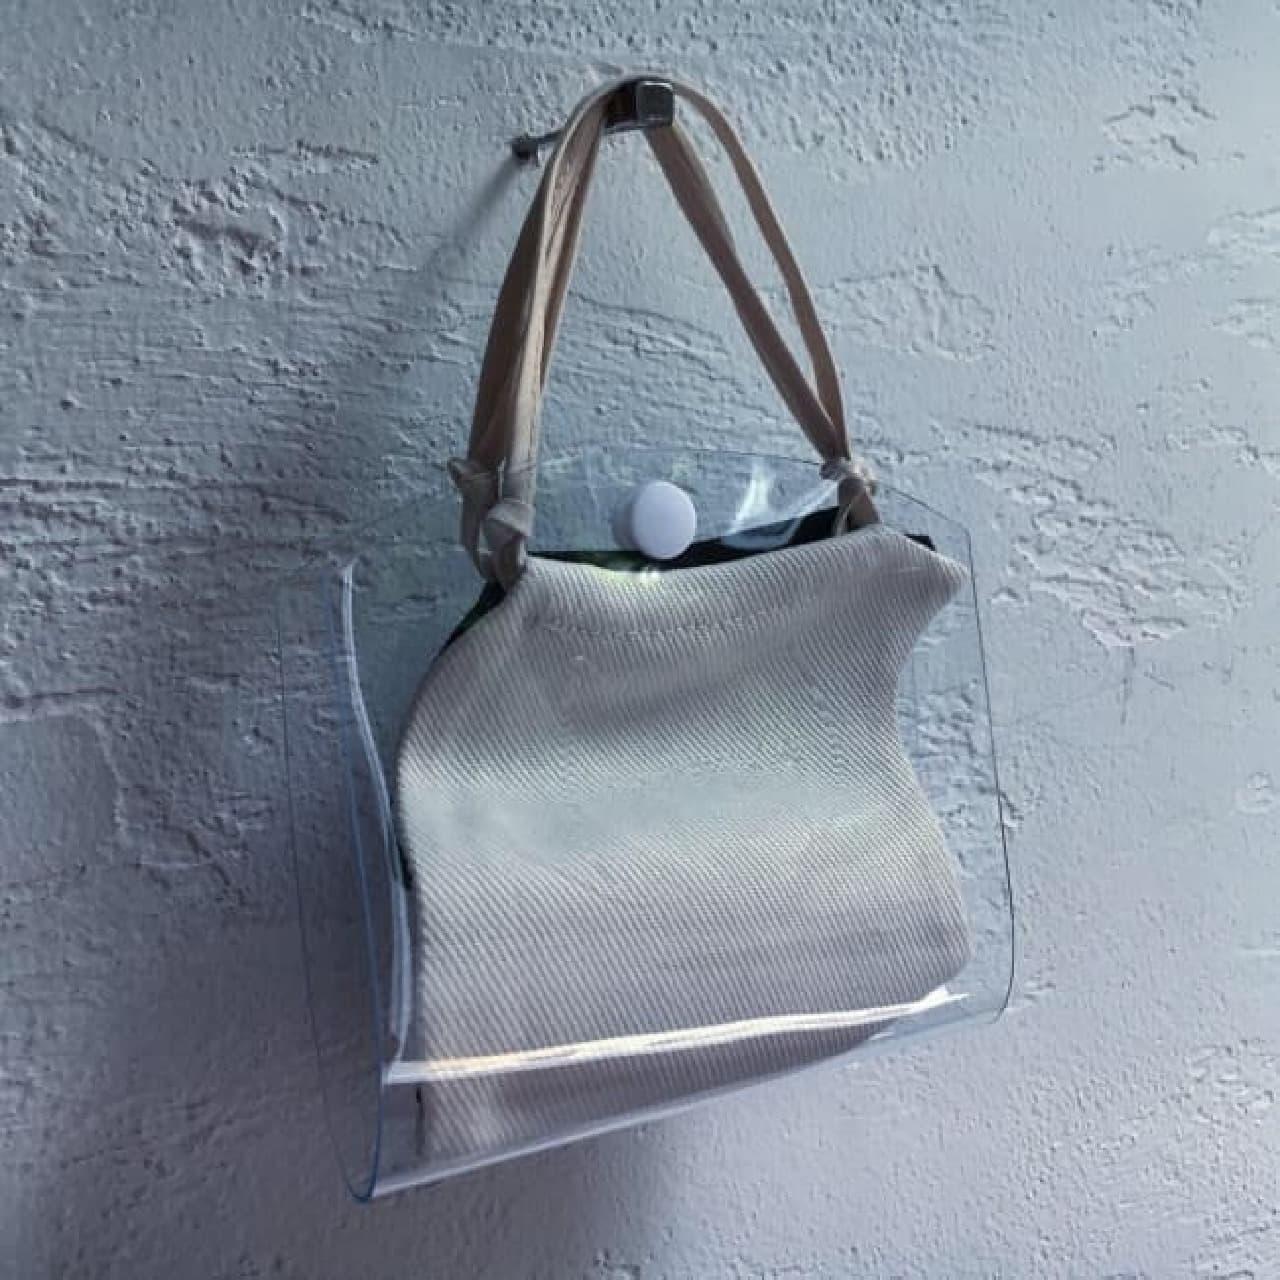 マスク専用バッグがネコリパブリックから -- 収益は保護猫活動に